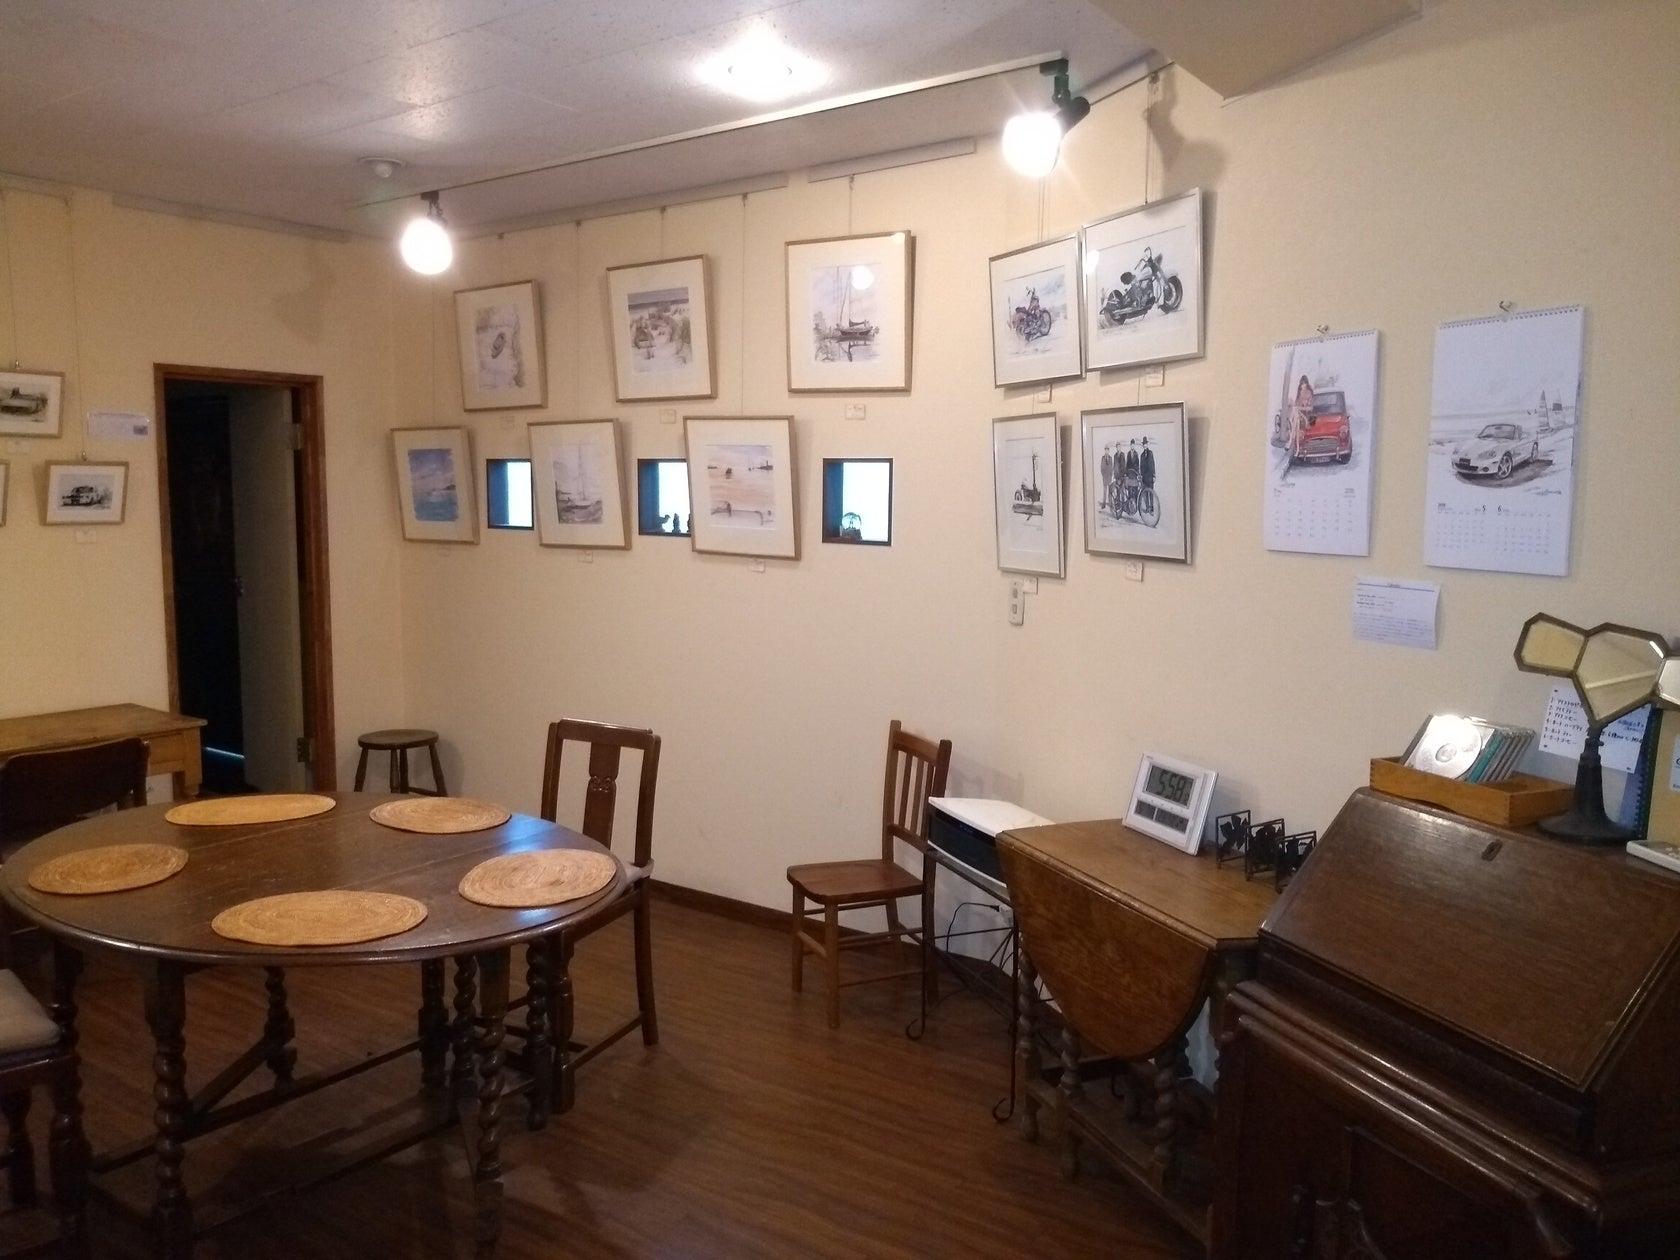 チェルシーガーデン アンティーク個室 の写真